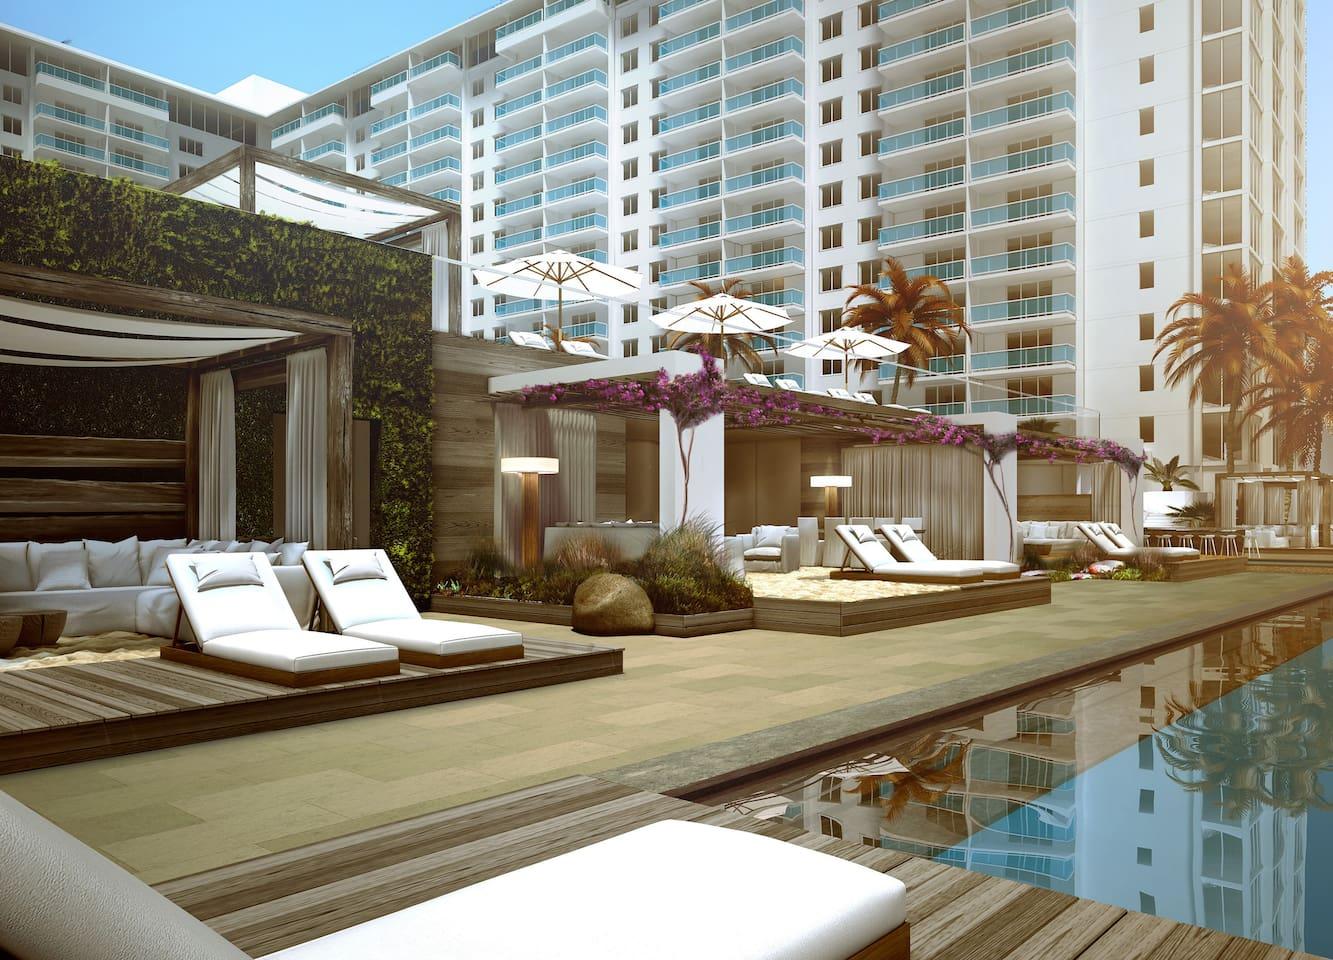 poolside cabanas face the beach